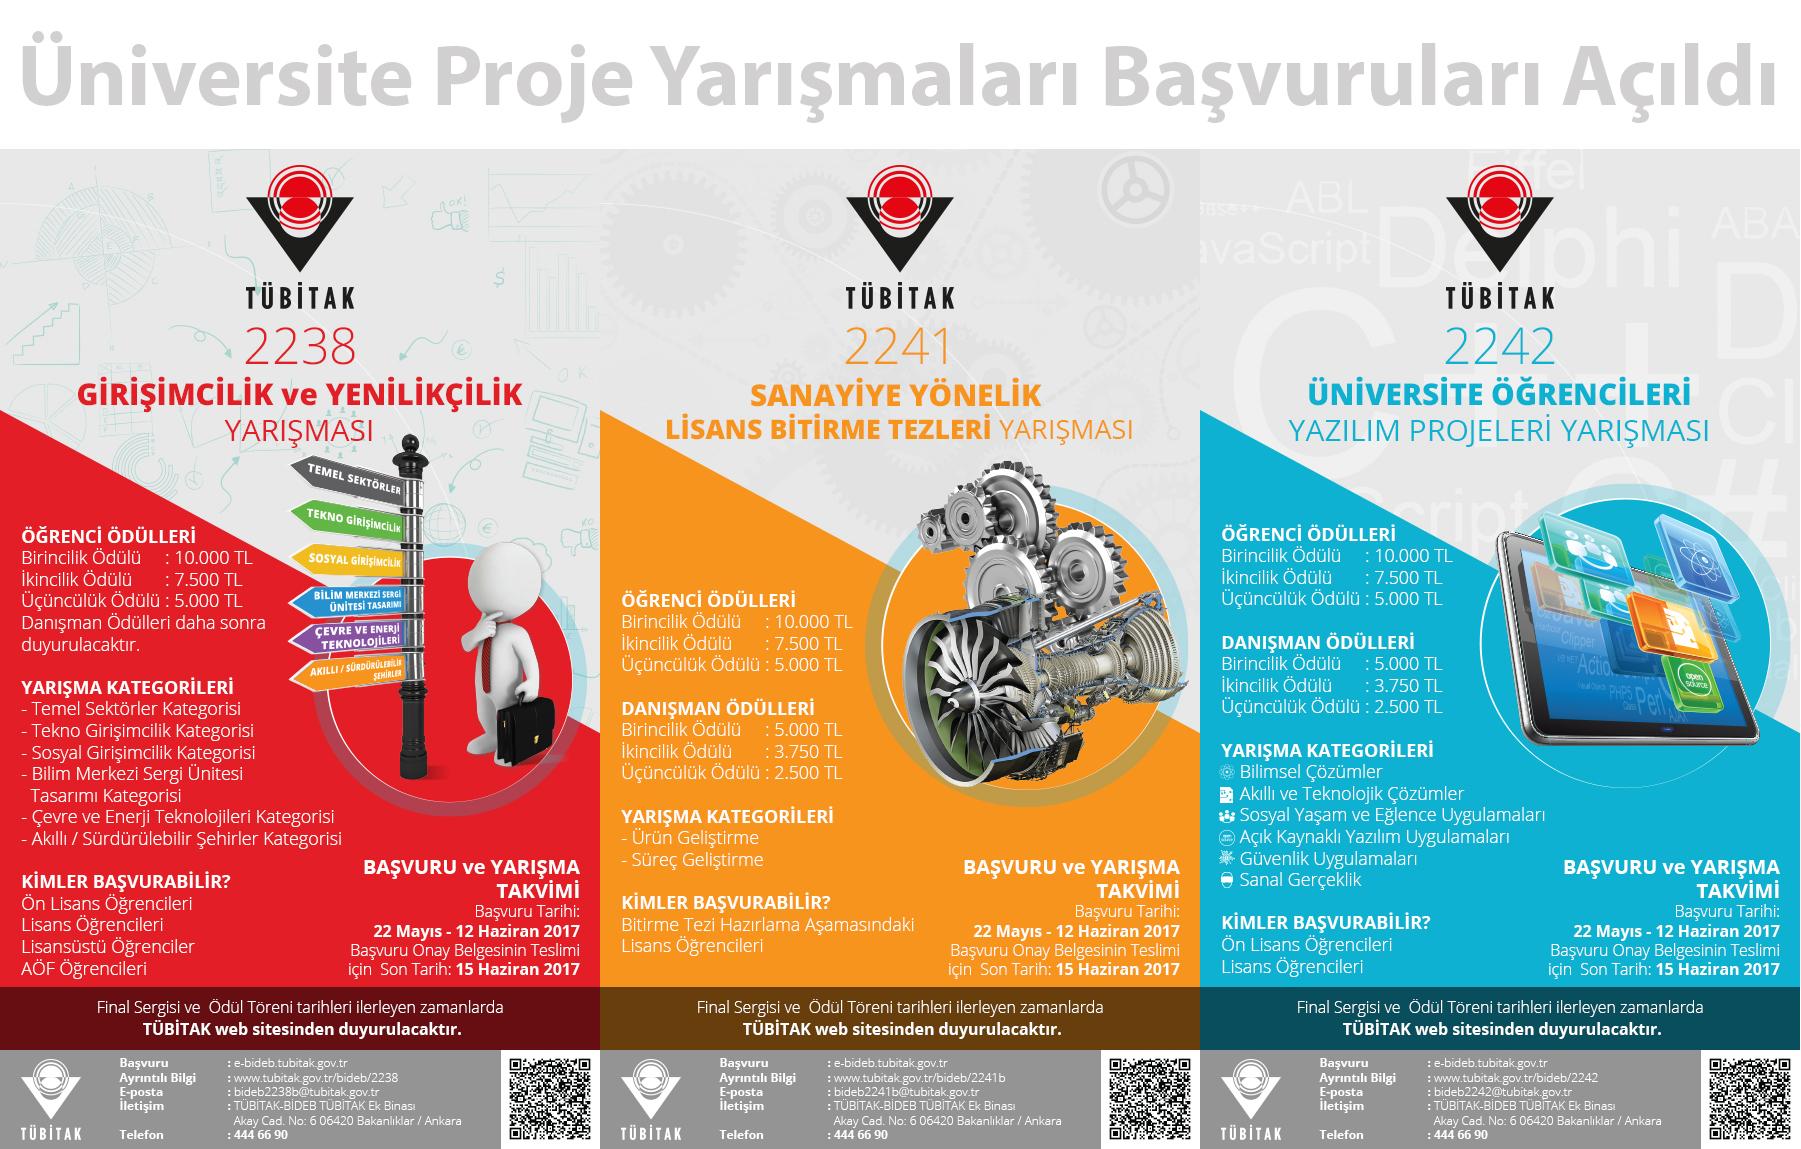 Üniversite Proje Yarışmaları Başvuruları Açıldı